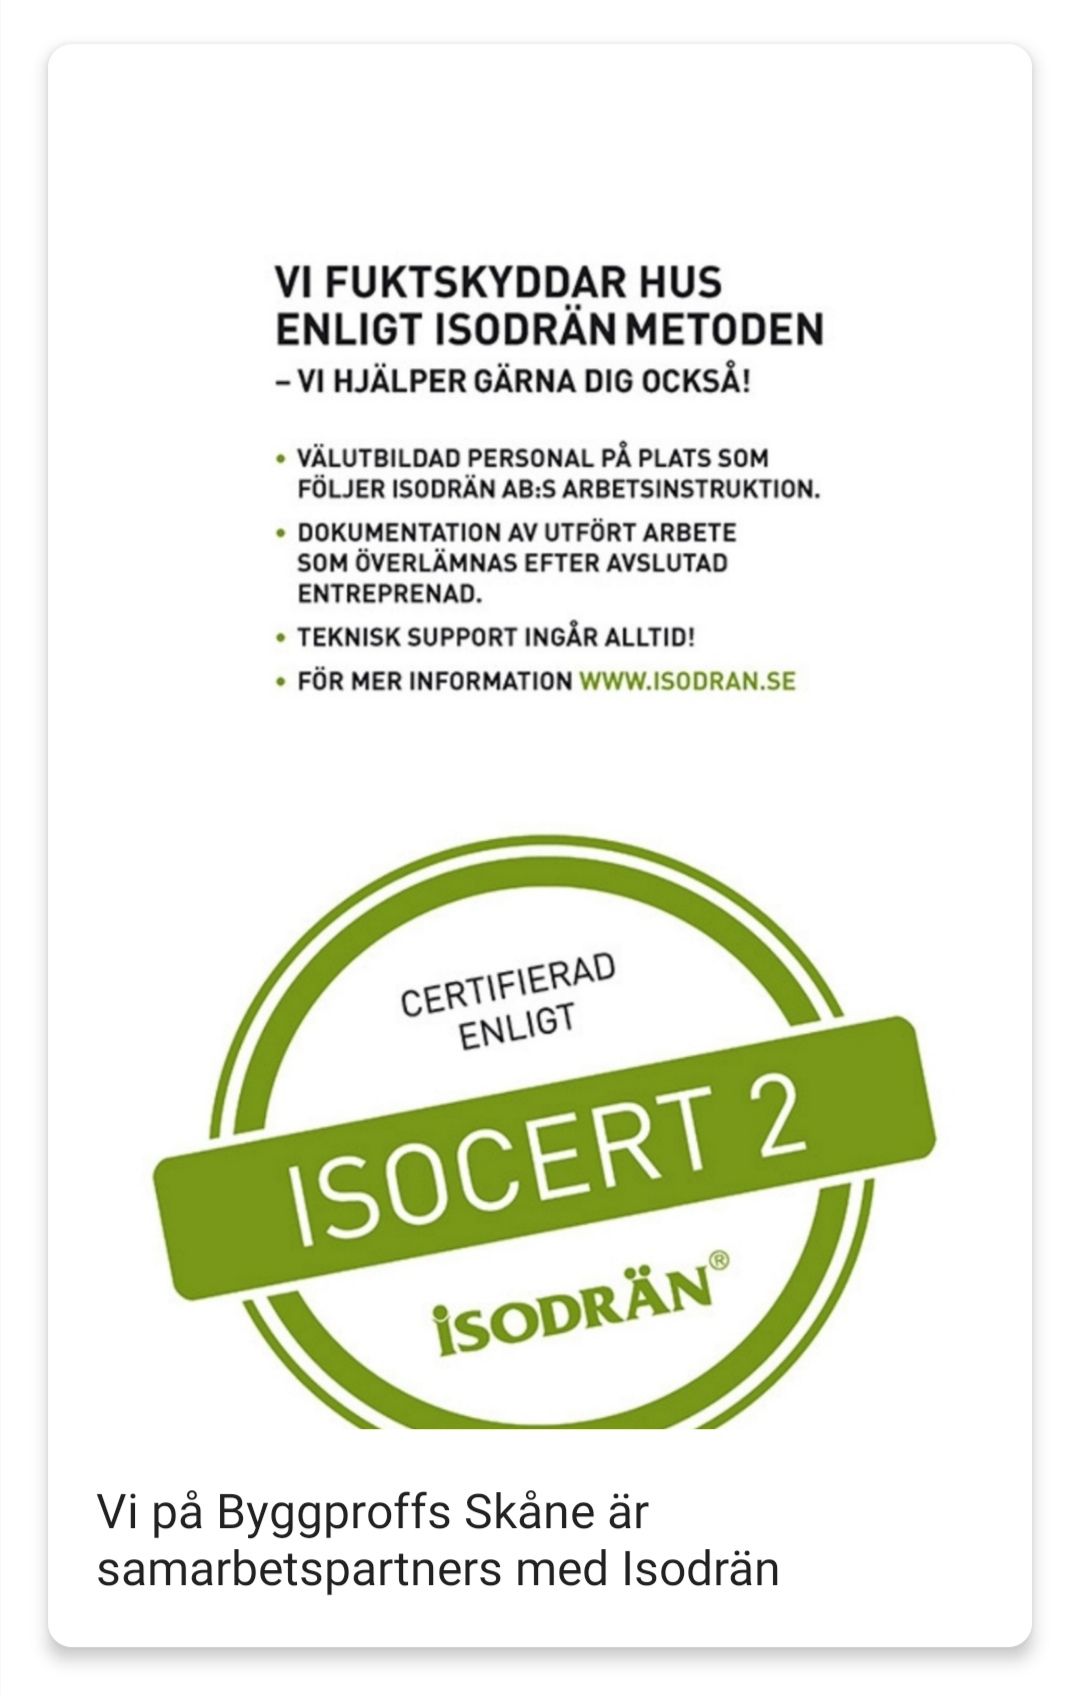 """Referensjobb """"ISOCERT 2 """" utfört av Byggproffs Skåne AB"""